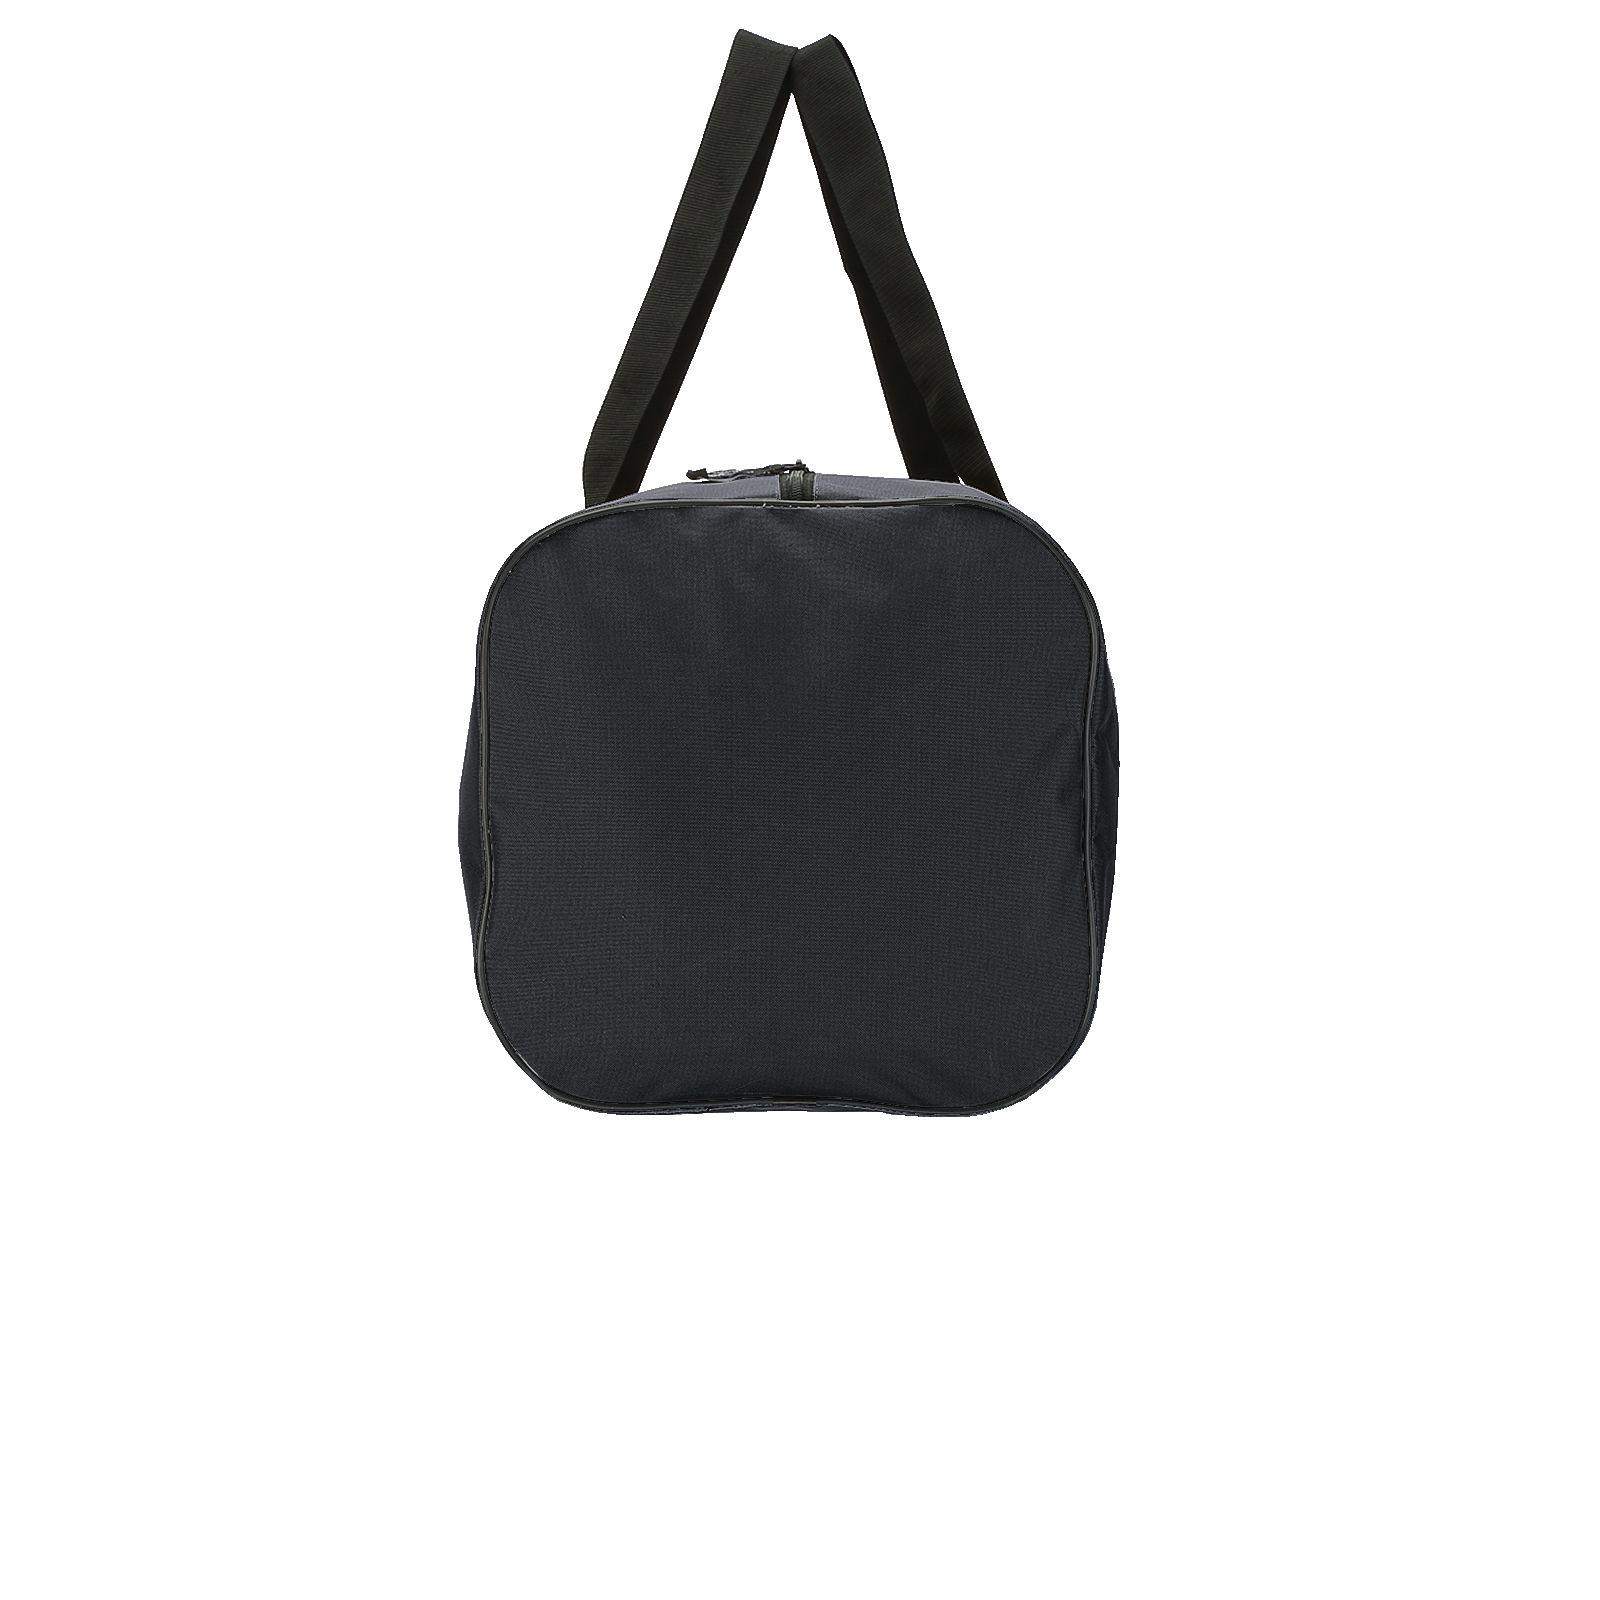 Warrior - Custom Canvas Duffel Bag - -  9f646b1252cde